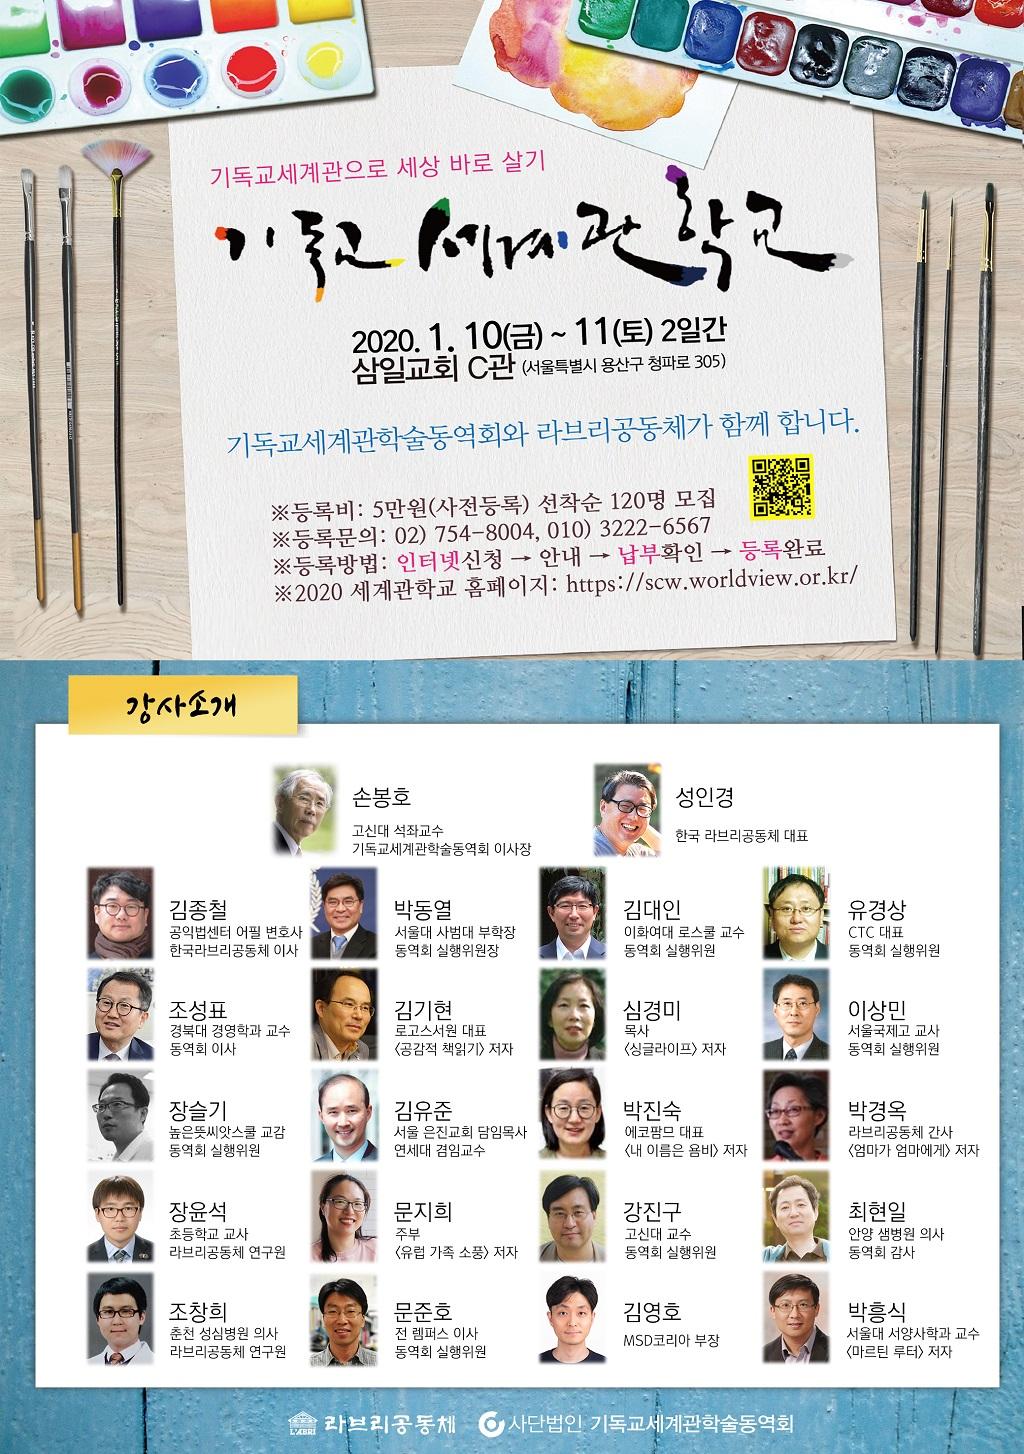 기독교세계관학교 안내 포스터